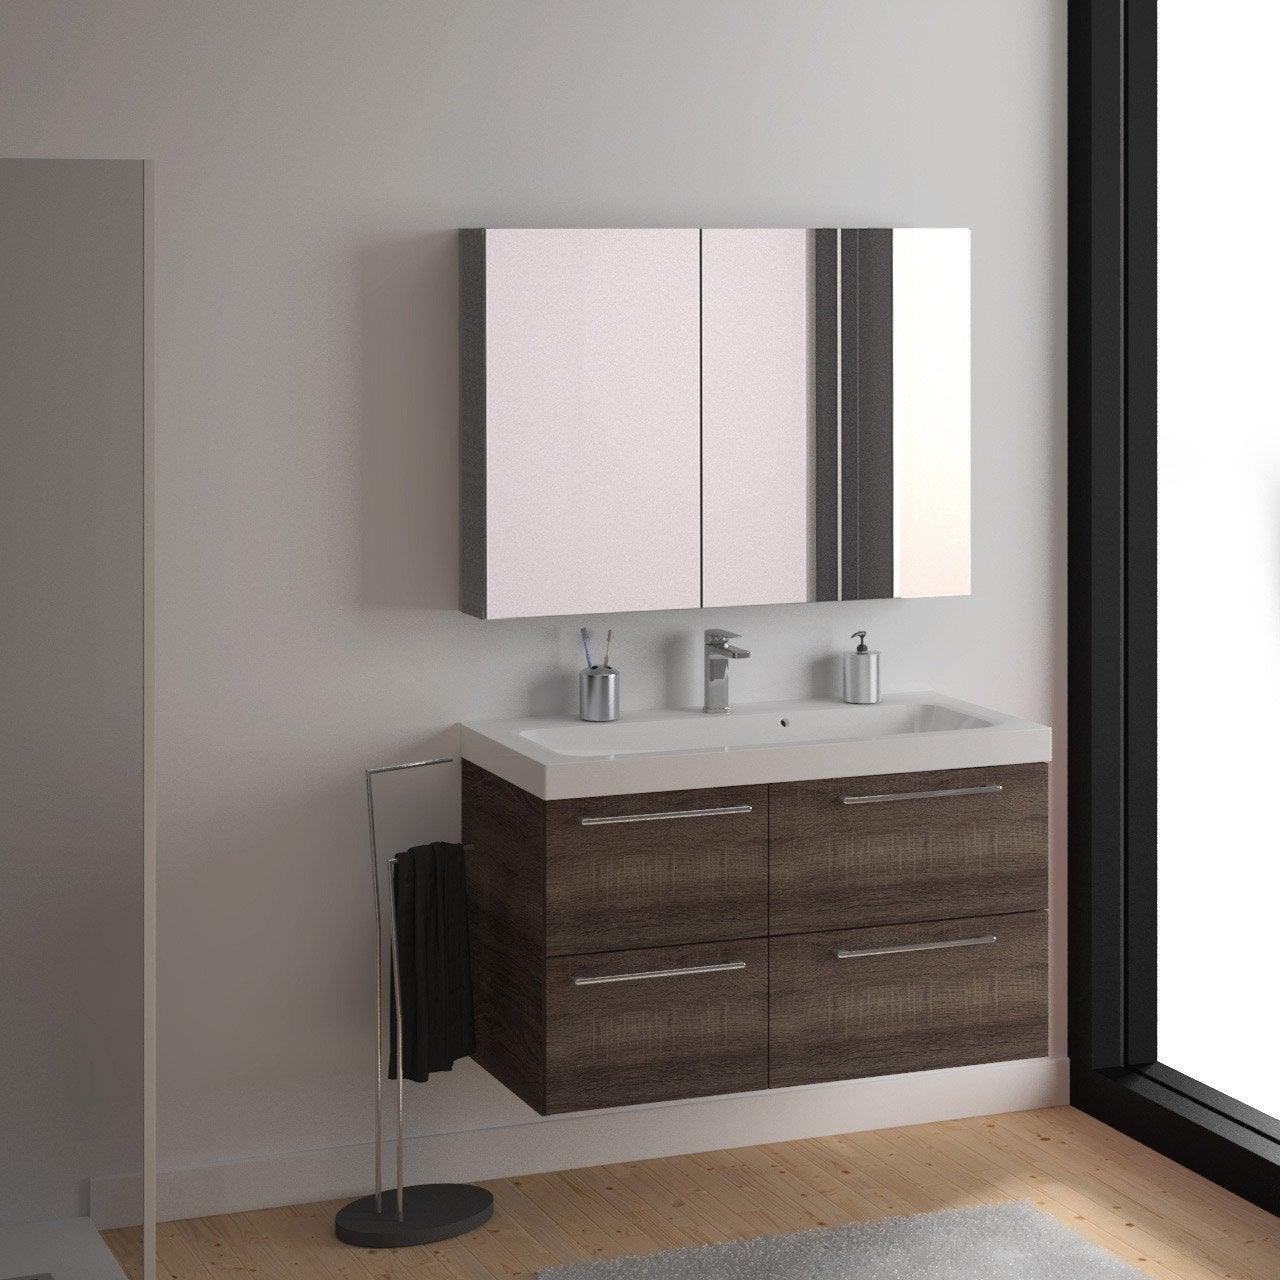 meuble salle de bain collection remix